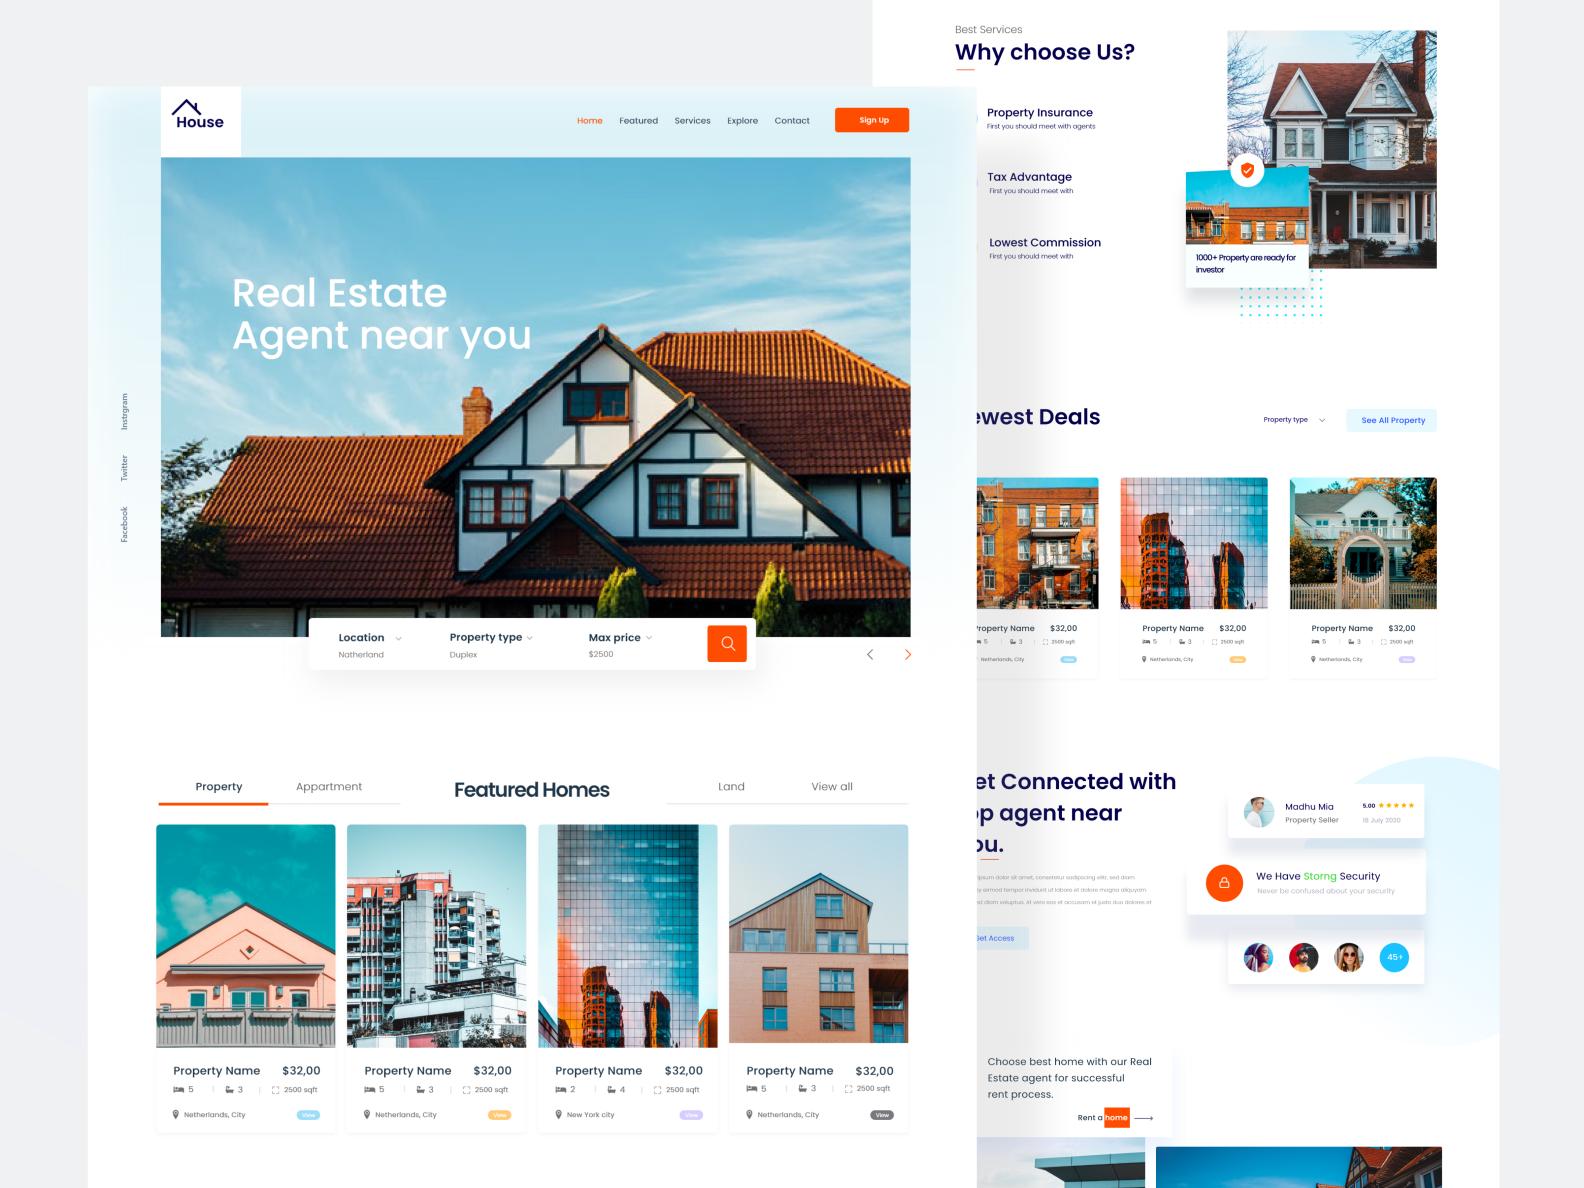 Real Estate Website Design In 2020 Real Estate Website Design Real Estate Website Website Design